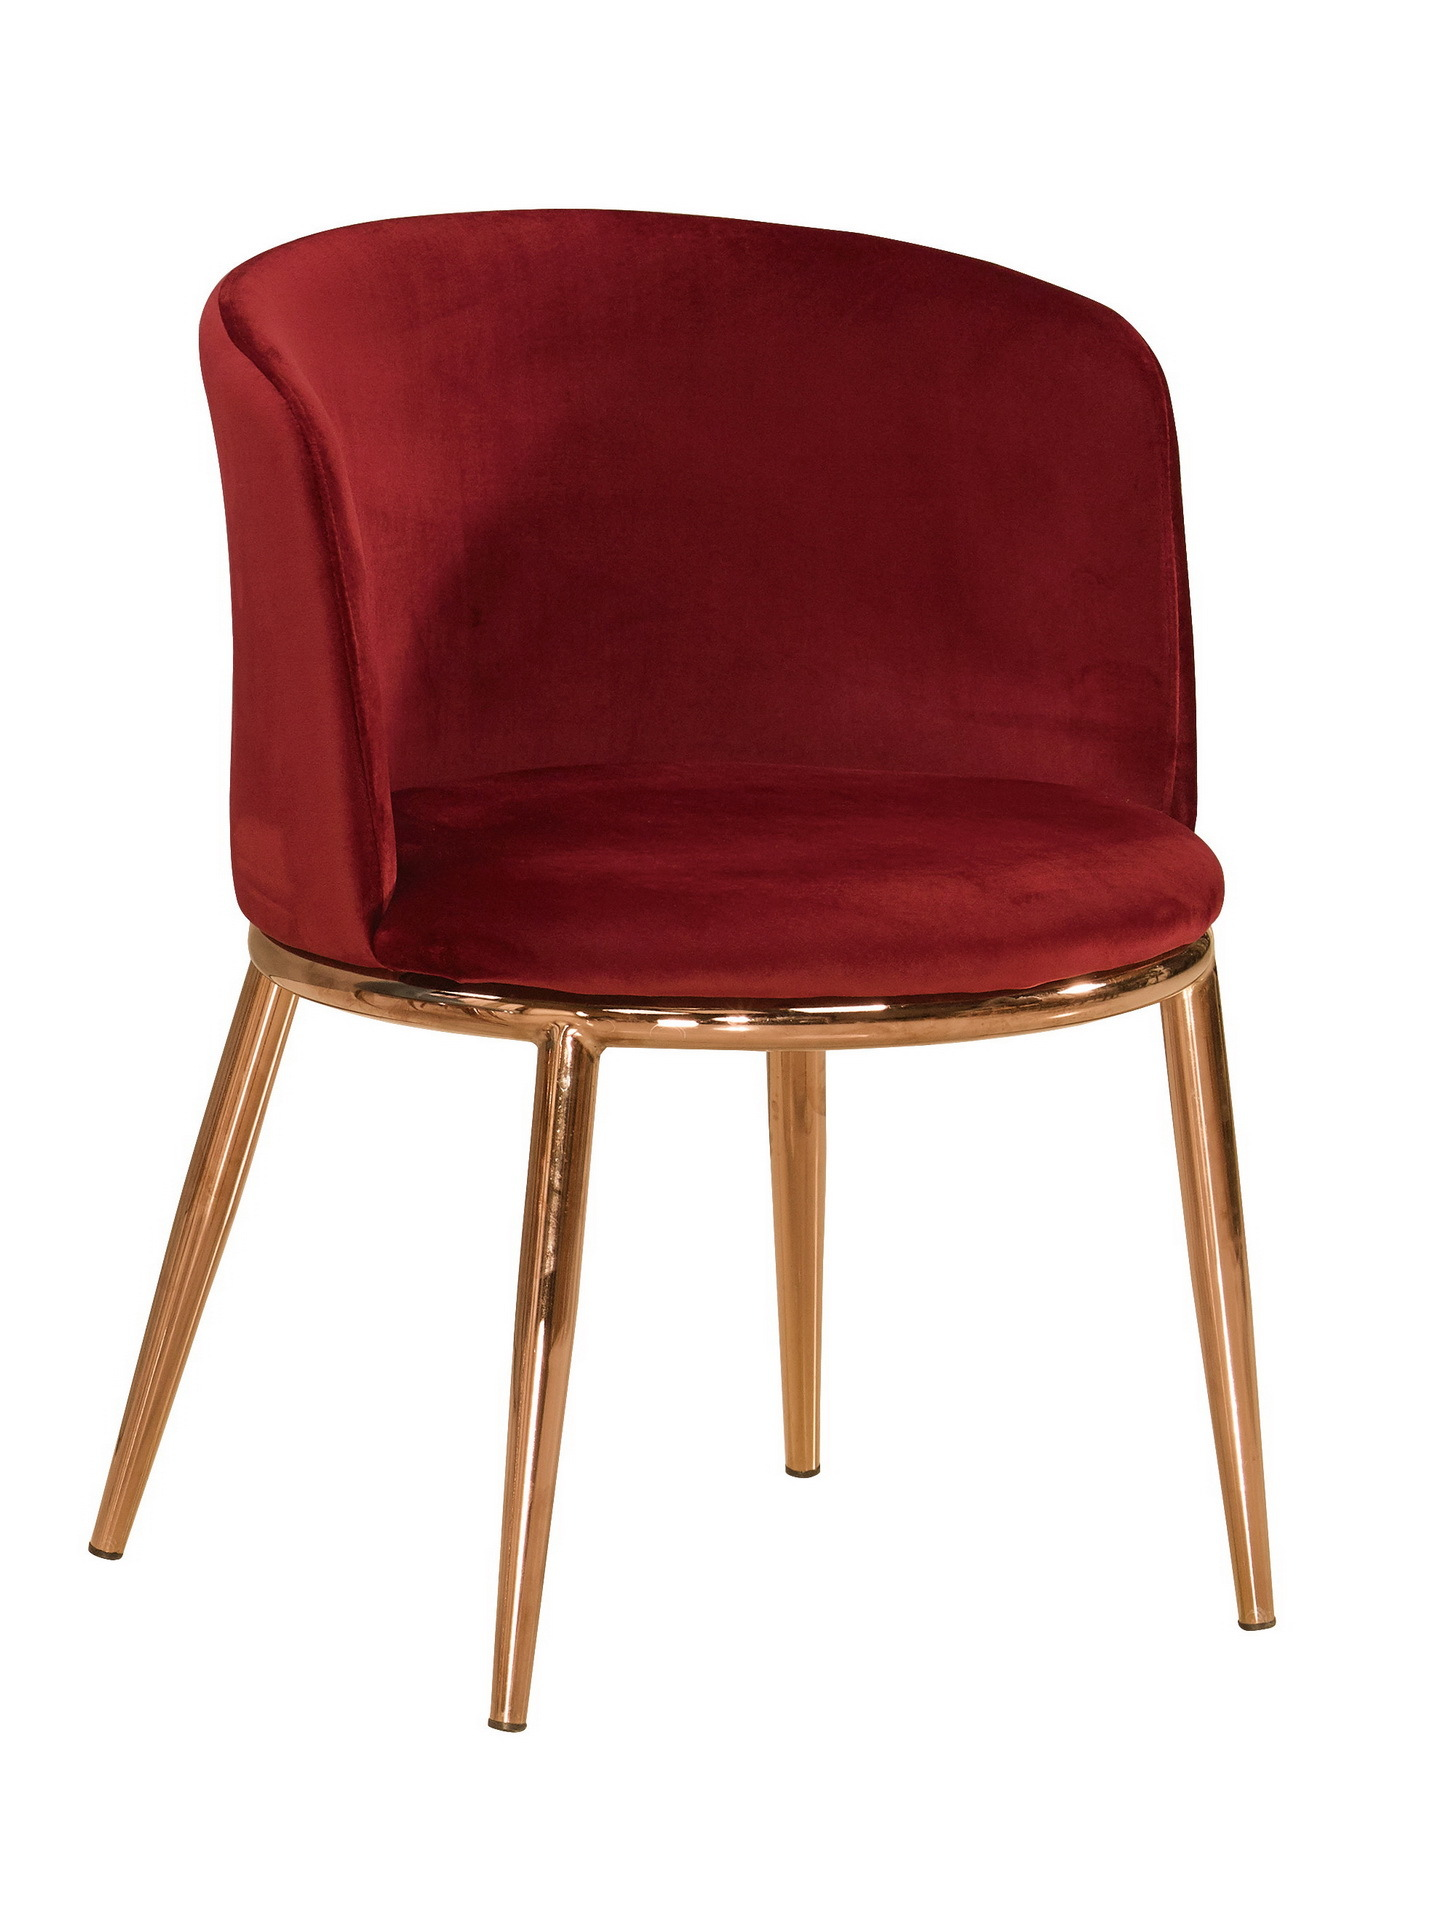 530-6 羅蘭餐椅(紅色布)(五金腳).jpg